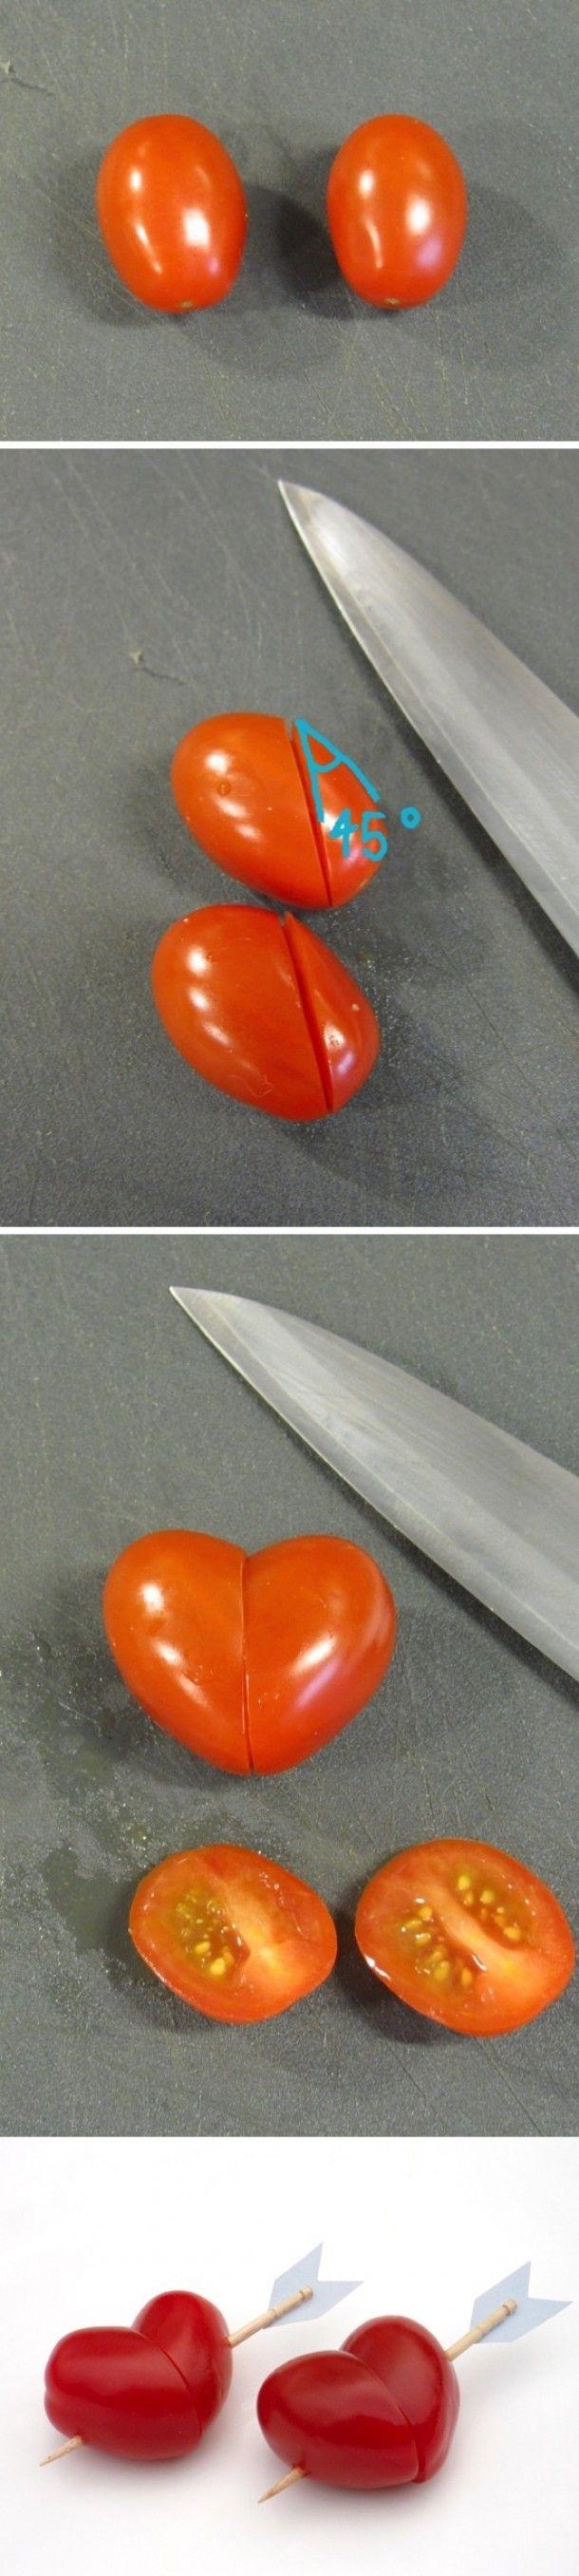 Schattige hartjes tomaat hapjes! Helemaal leuk met een prikkertje voor een cupido-effect. Staat gezellig op de borreltafel!